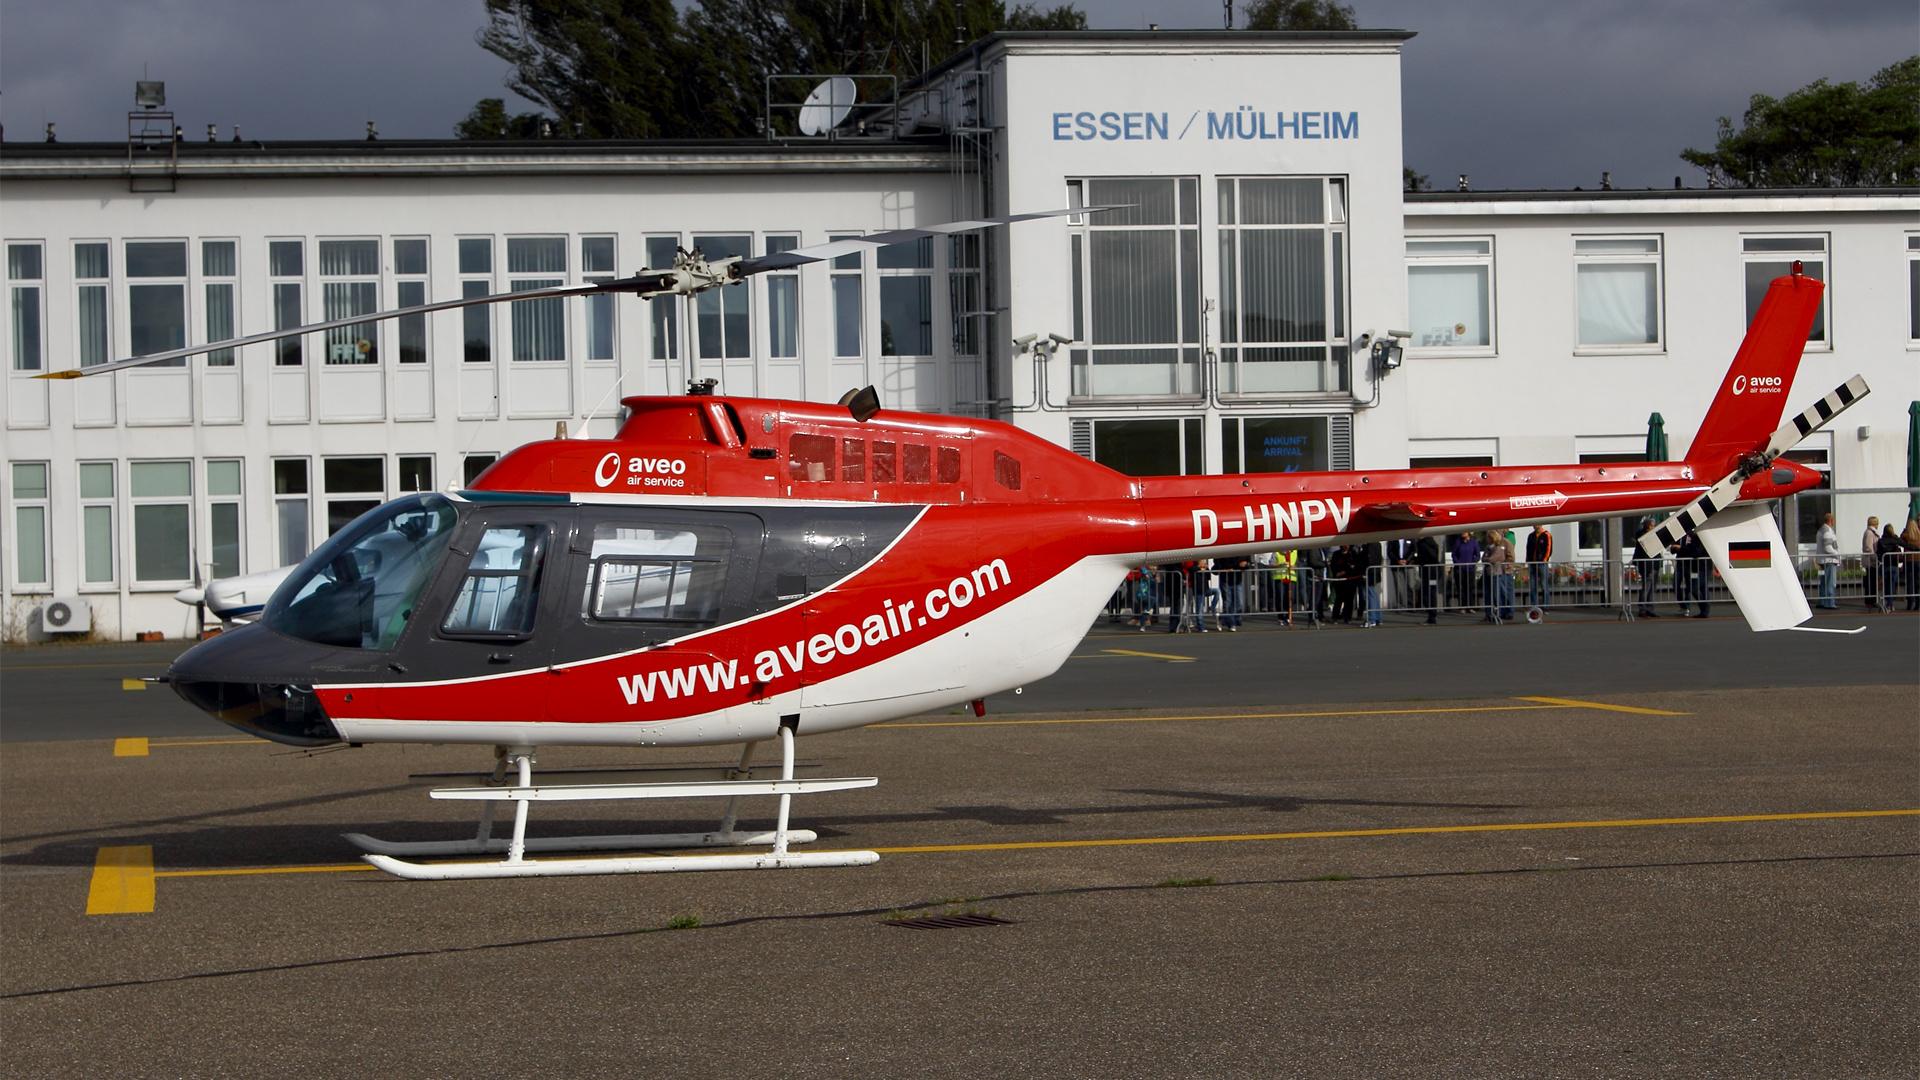 D-HNPV-1 Bell 206 ESS 201412